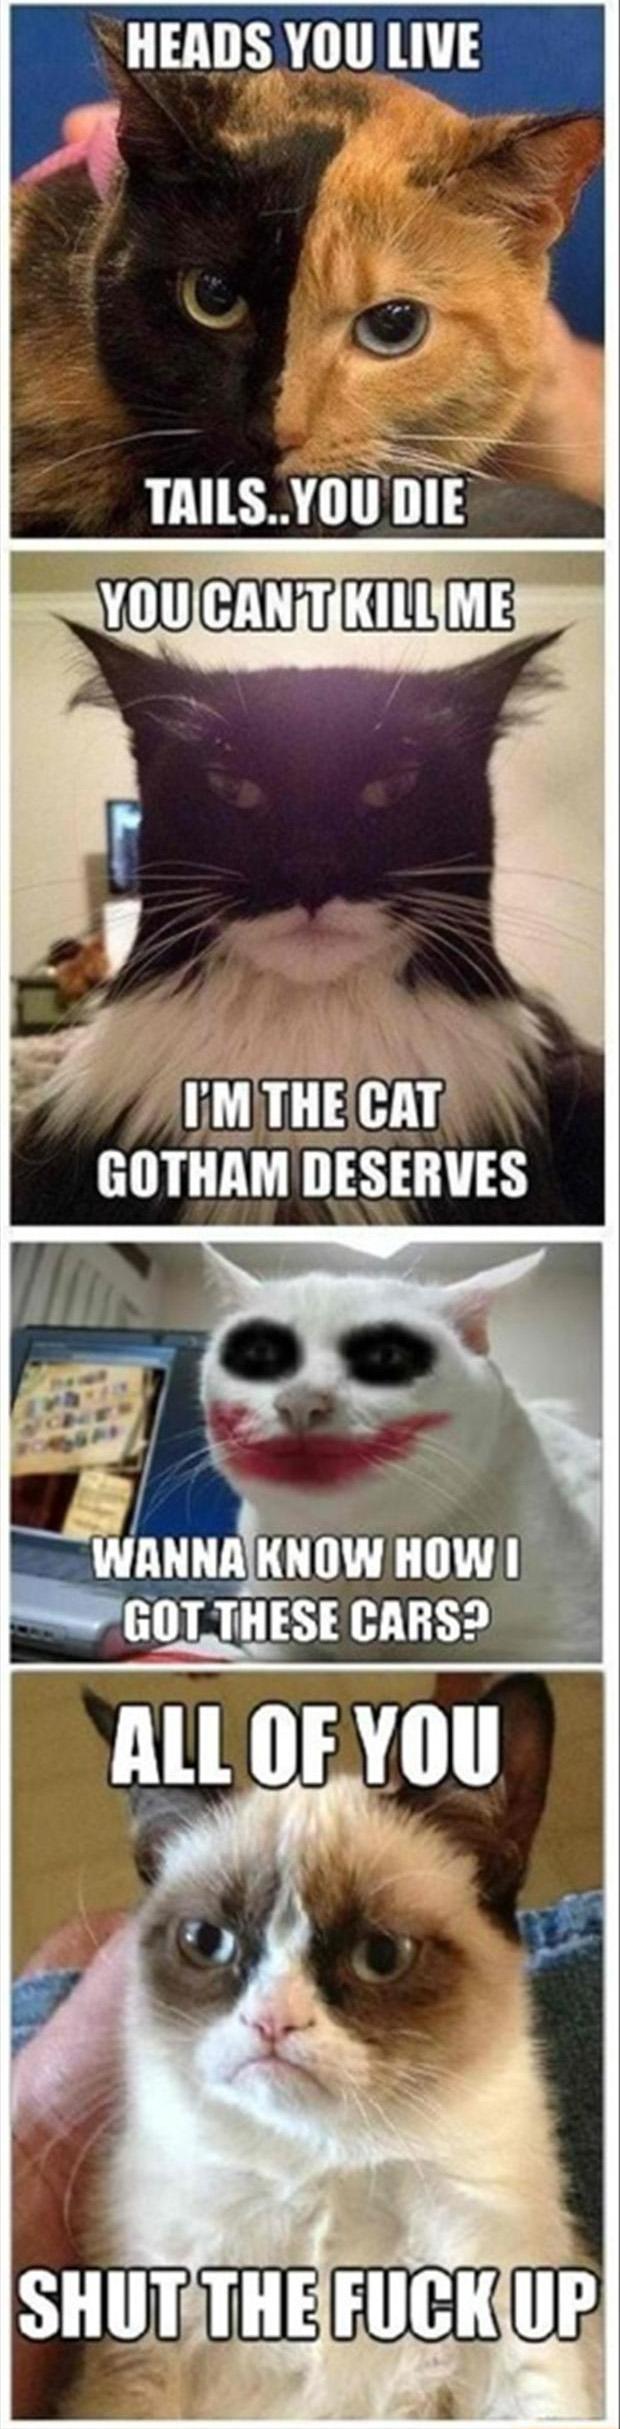 cat pictures funny grumpy cat pictures grumpy cat 65 pics grumpy cat 620x2429